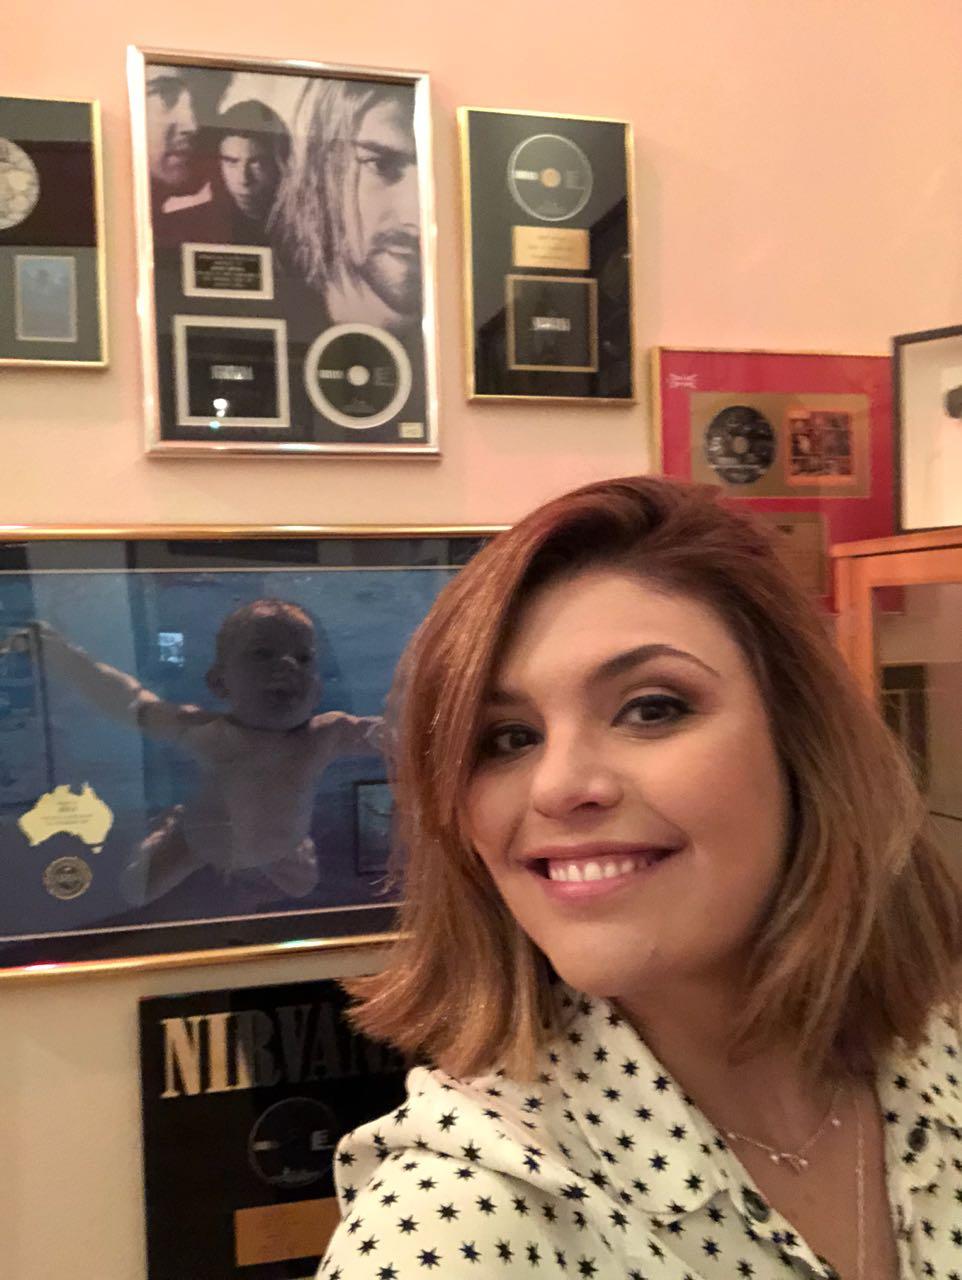 Ana Carolina Raimundi no estúdio de Dave Grohl. em Los Angeles. Crédito: Globo/ Divulgação